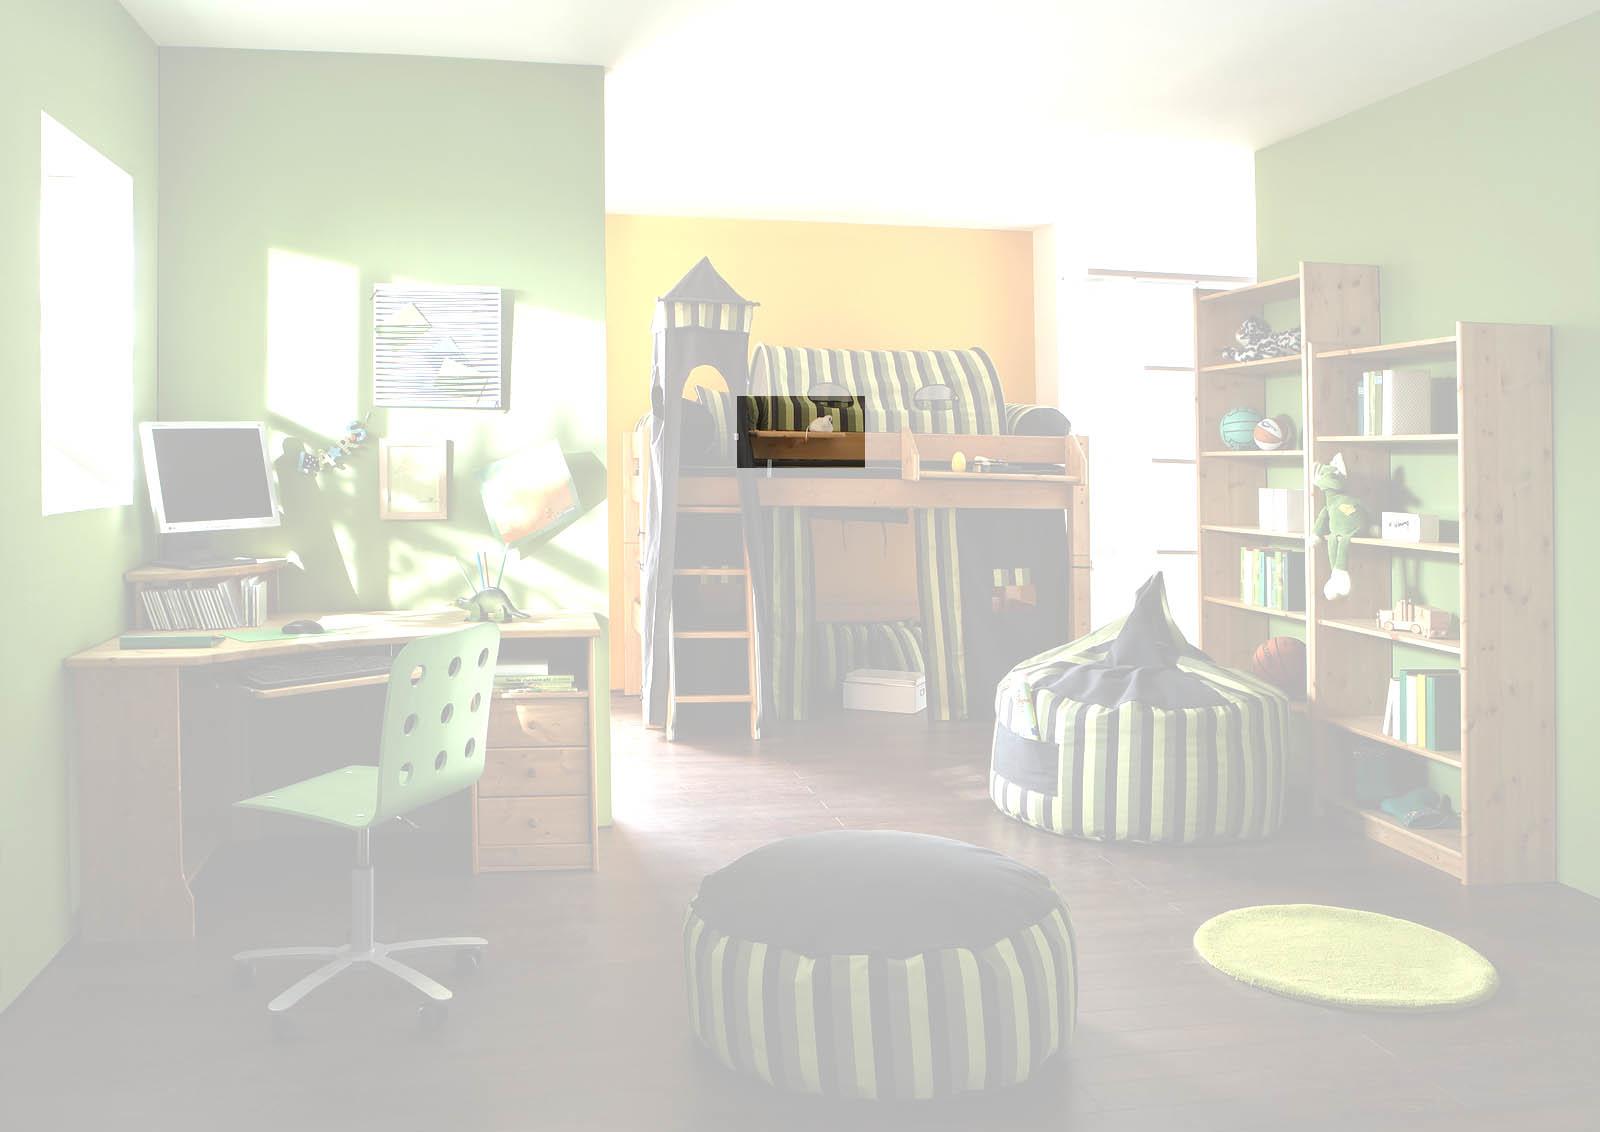 Full Size of Hochbetten Kinderzimmer Hochbett Forest Aus Massivholz Von Dolphin Gnstig Regal Weiß Regale Sofa Kinderzimmer Hochbetten Kinderzimmer